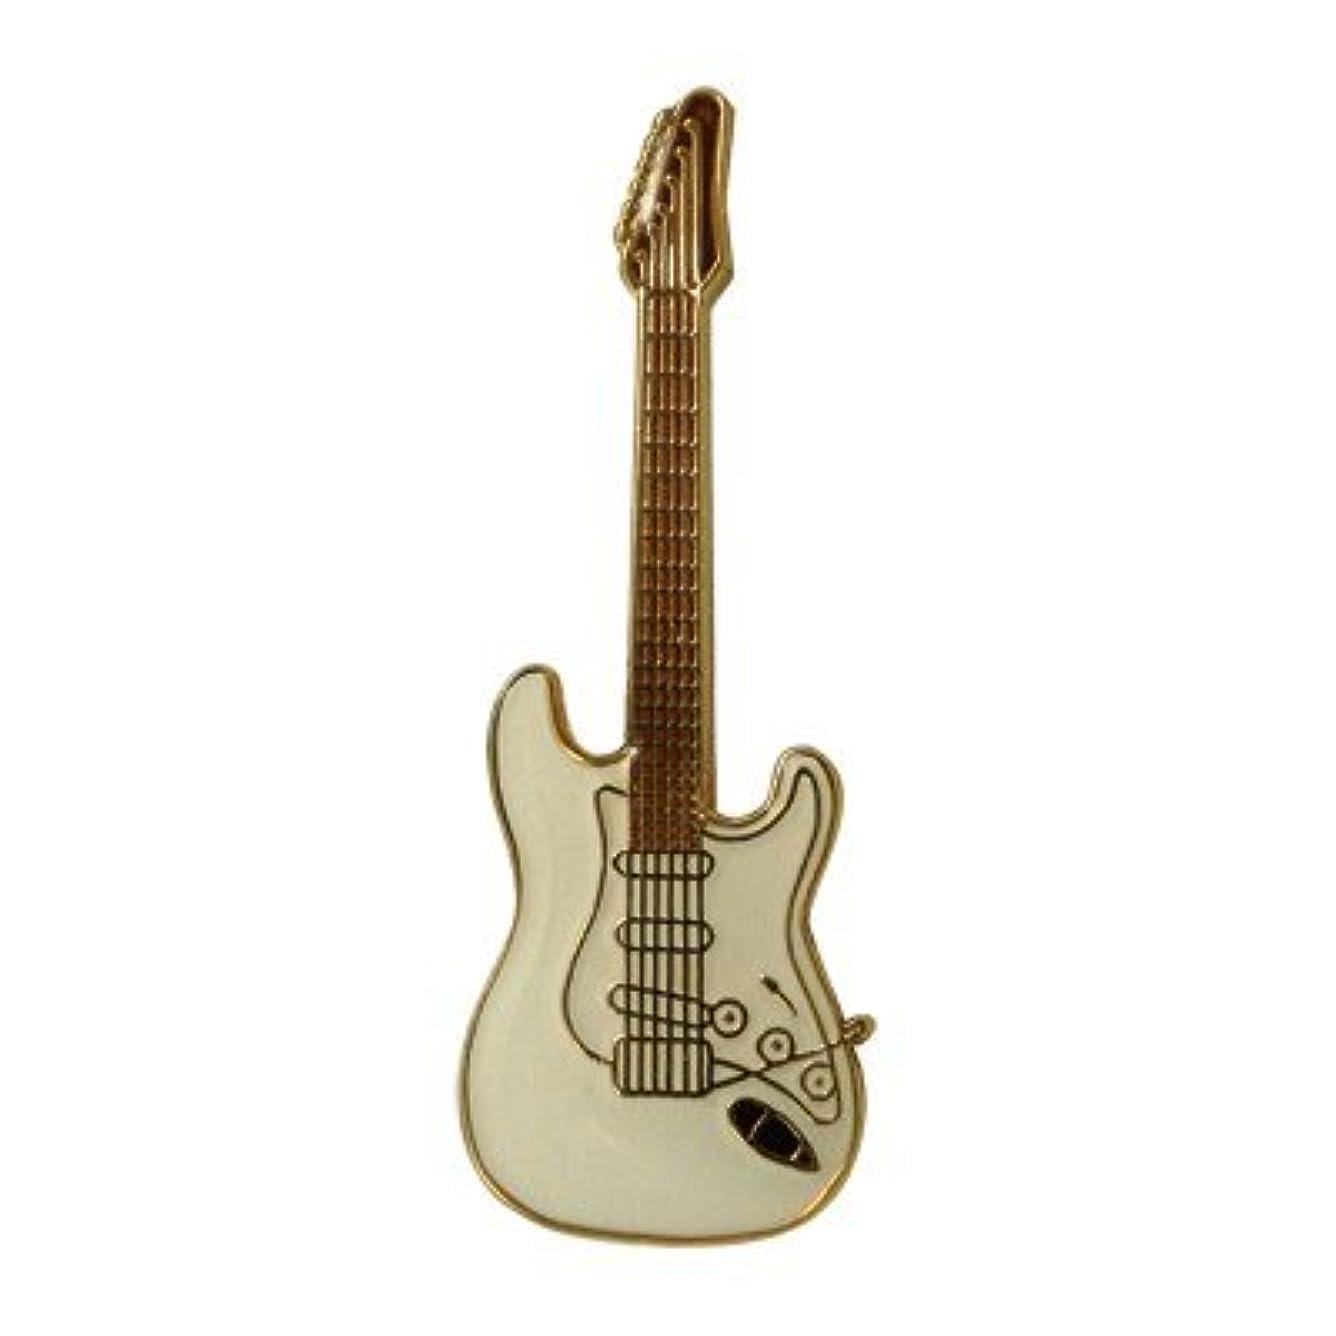 架空の買い手レイストラト ギター ミニピン 白 Electric Guitar Mini Pin